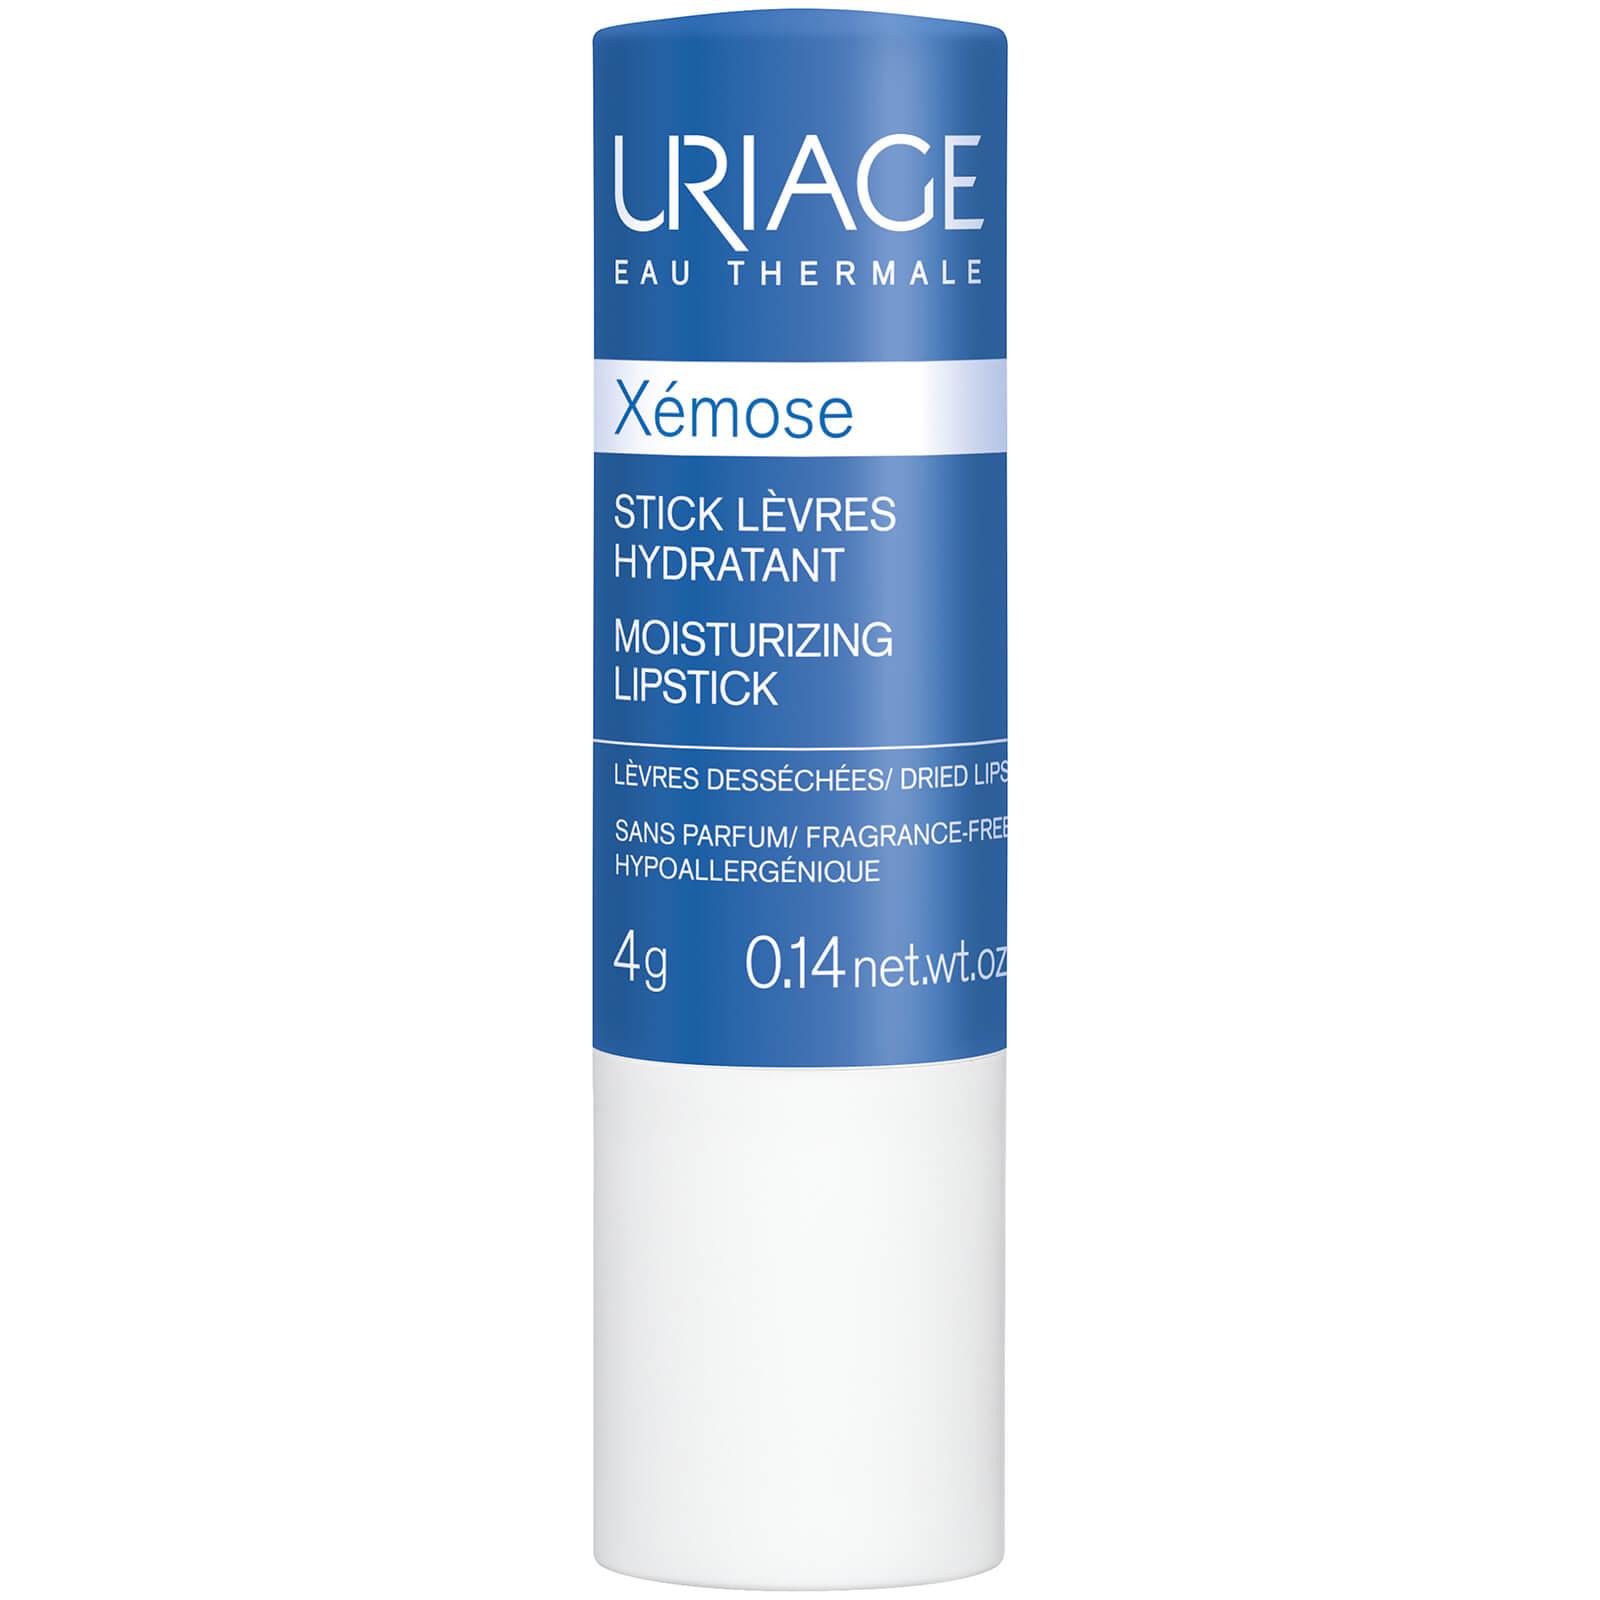 Купить Смягчающее средство для губ Uriage Xémose Treatment 4 г